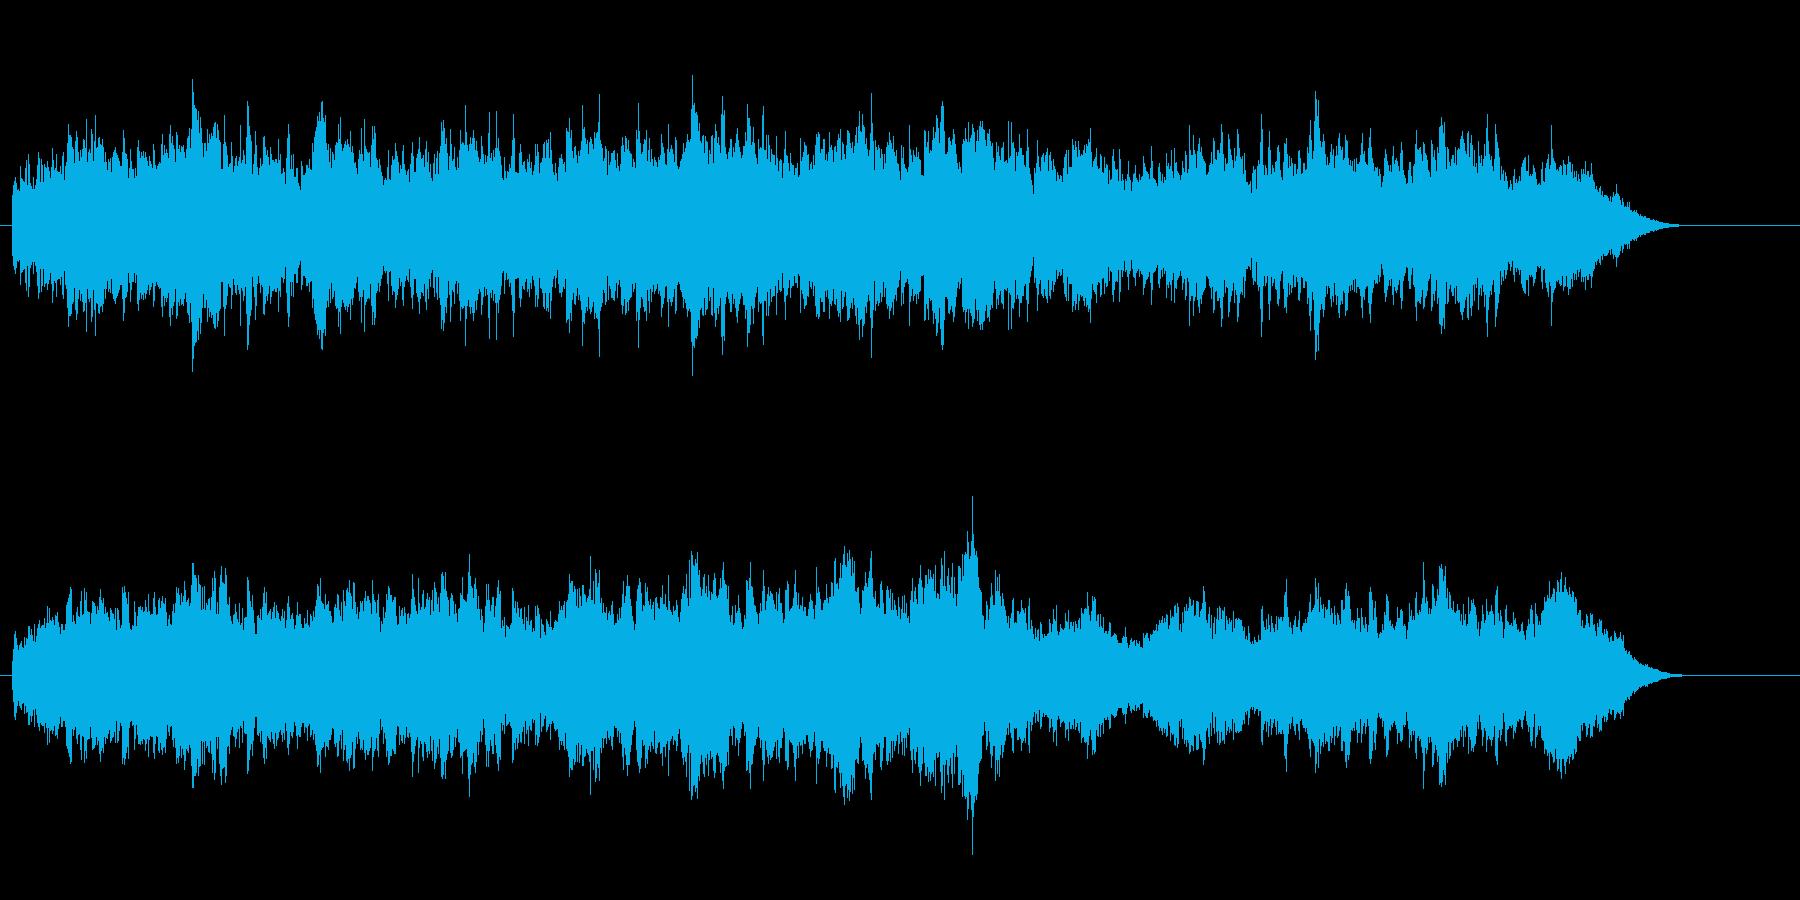 清涼な空気を思わせる、アンビエントな曲の再生済みの波形